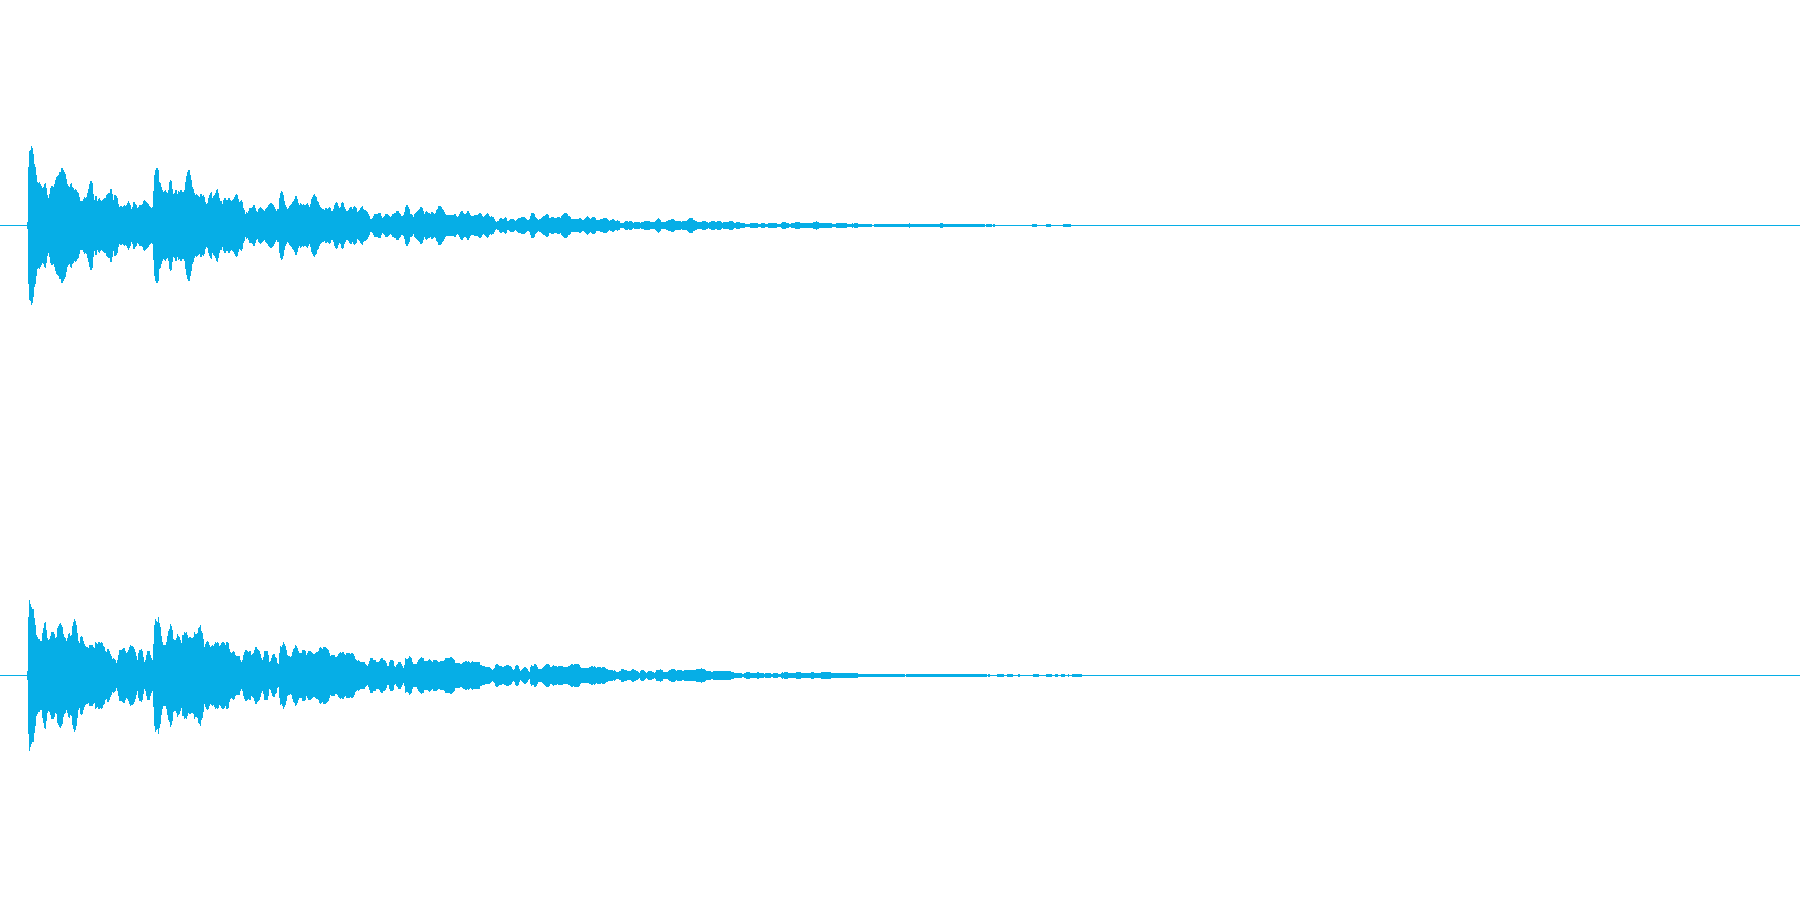 【アクセント29-2】の再生済みの波形